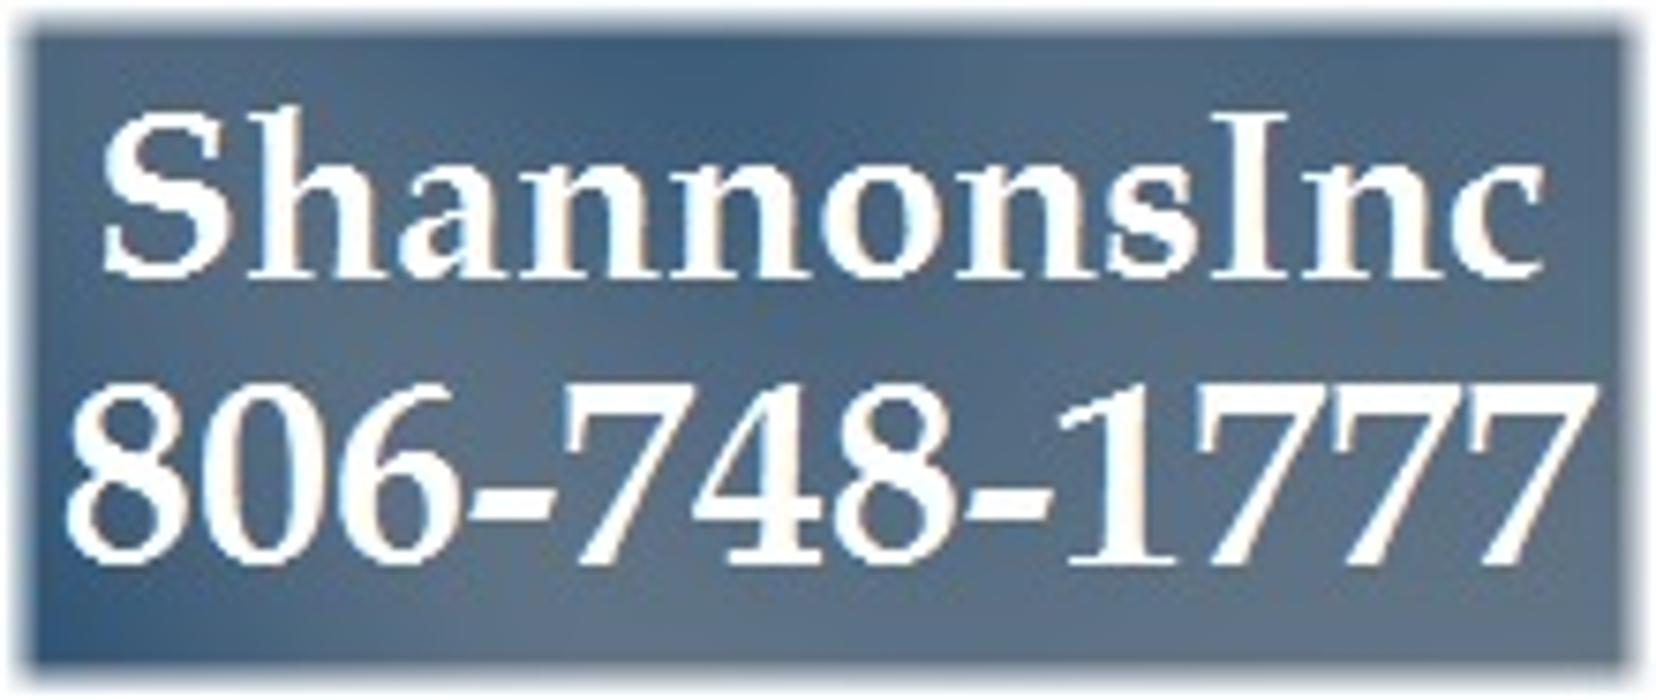 ShannonsInc - Lubbock, TX